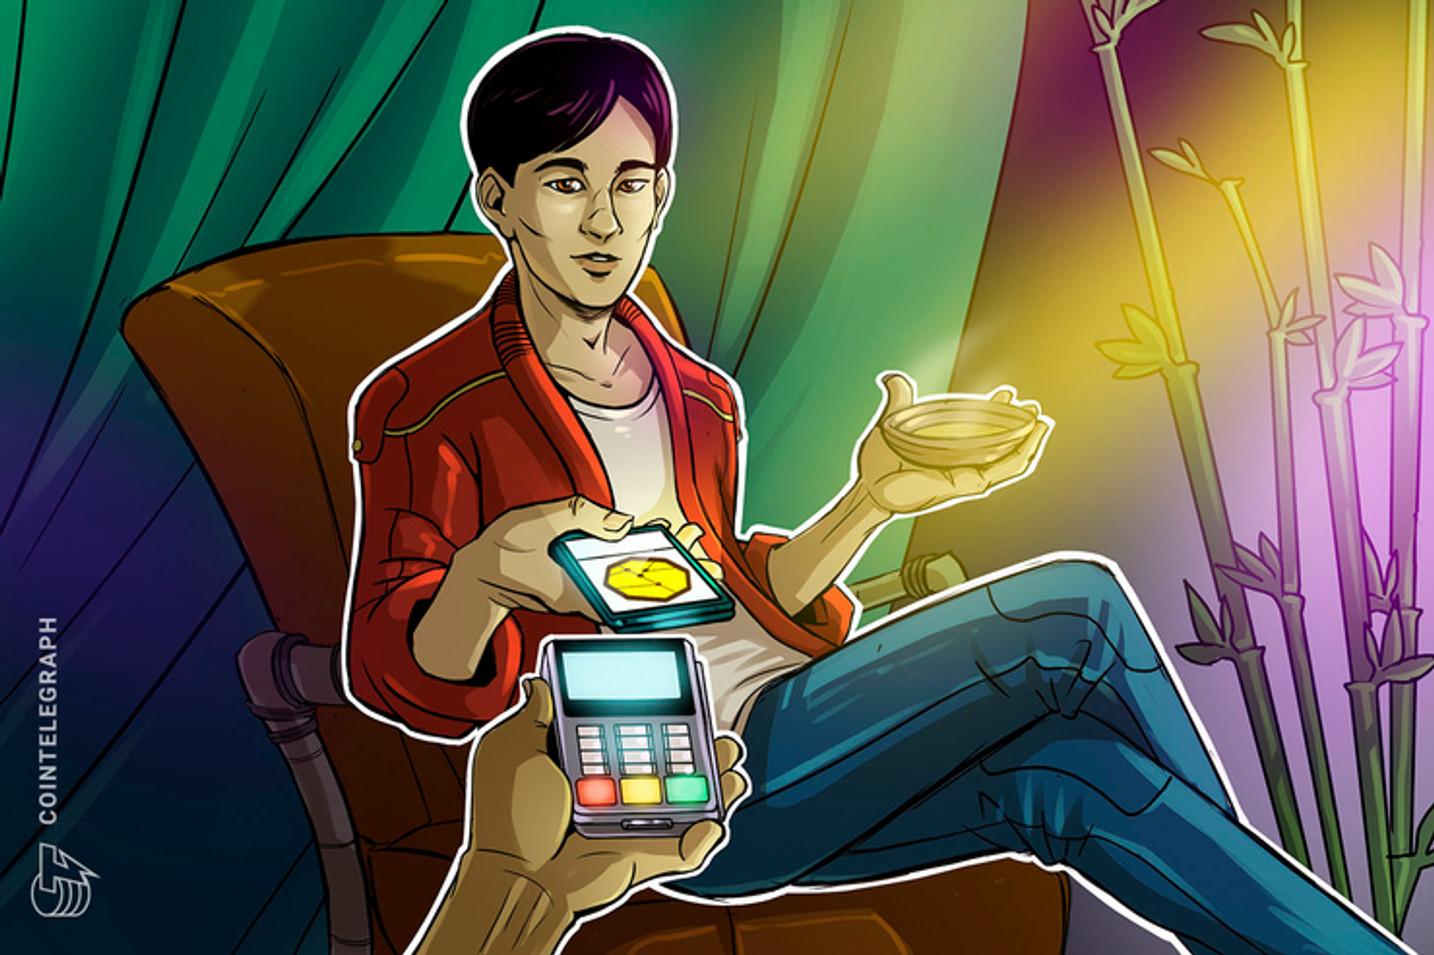 Transações com Bitcoin poderão ser enviadas pela luz com evolução do sistema quântico